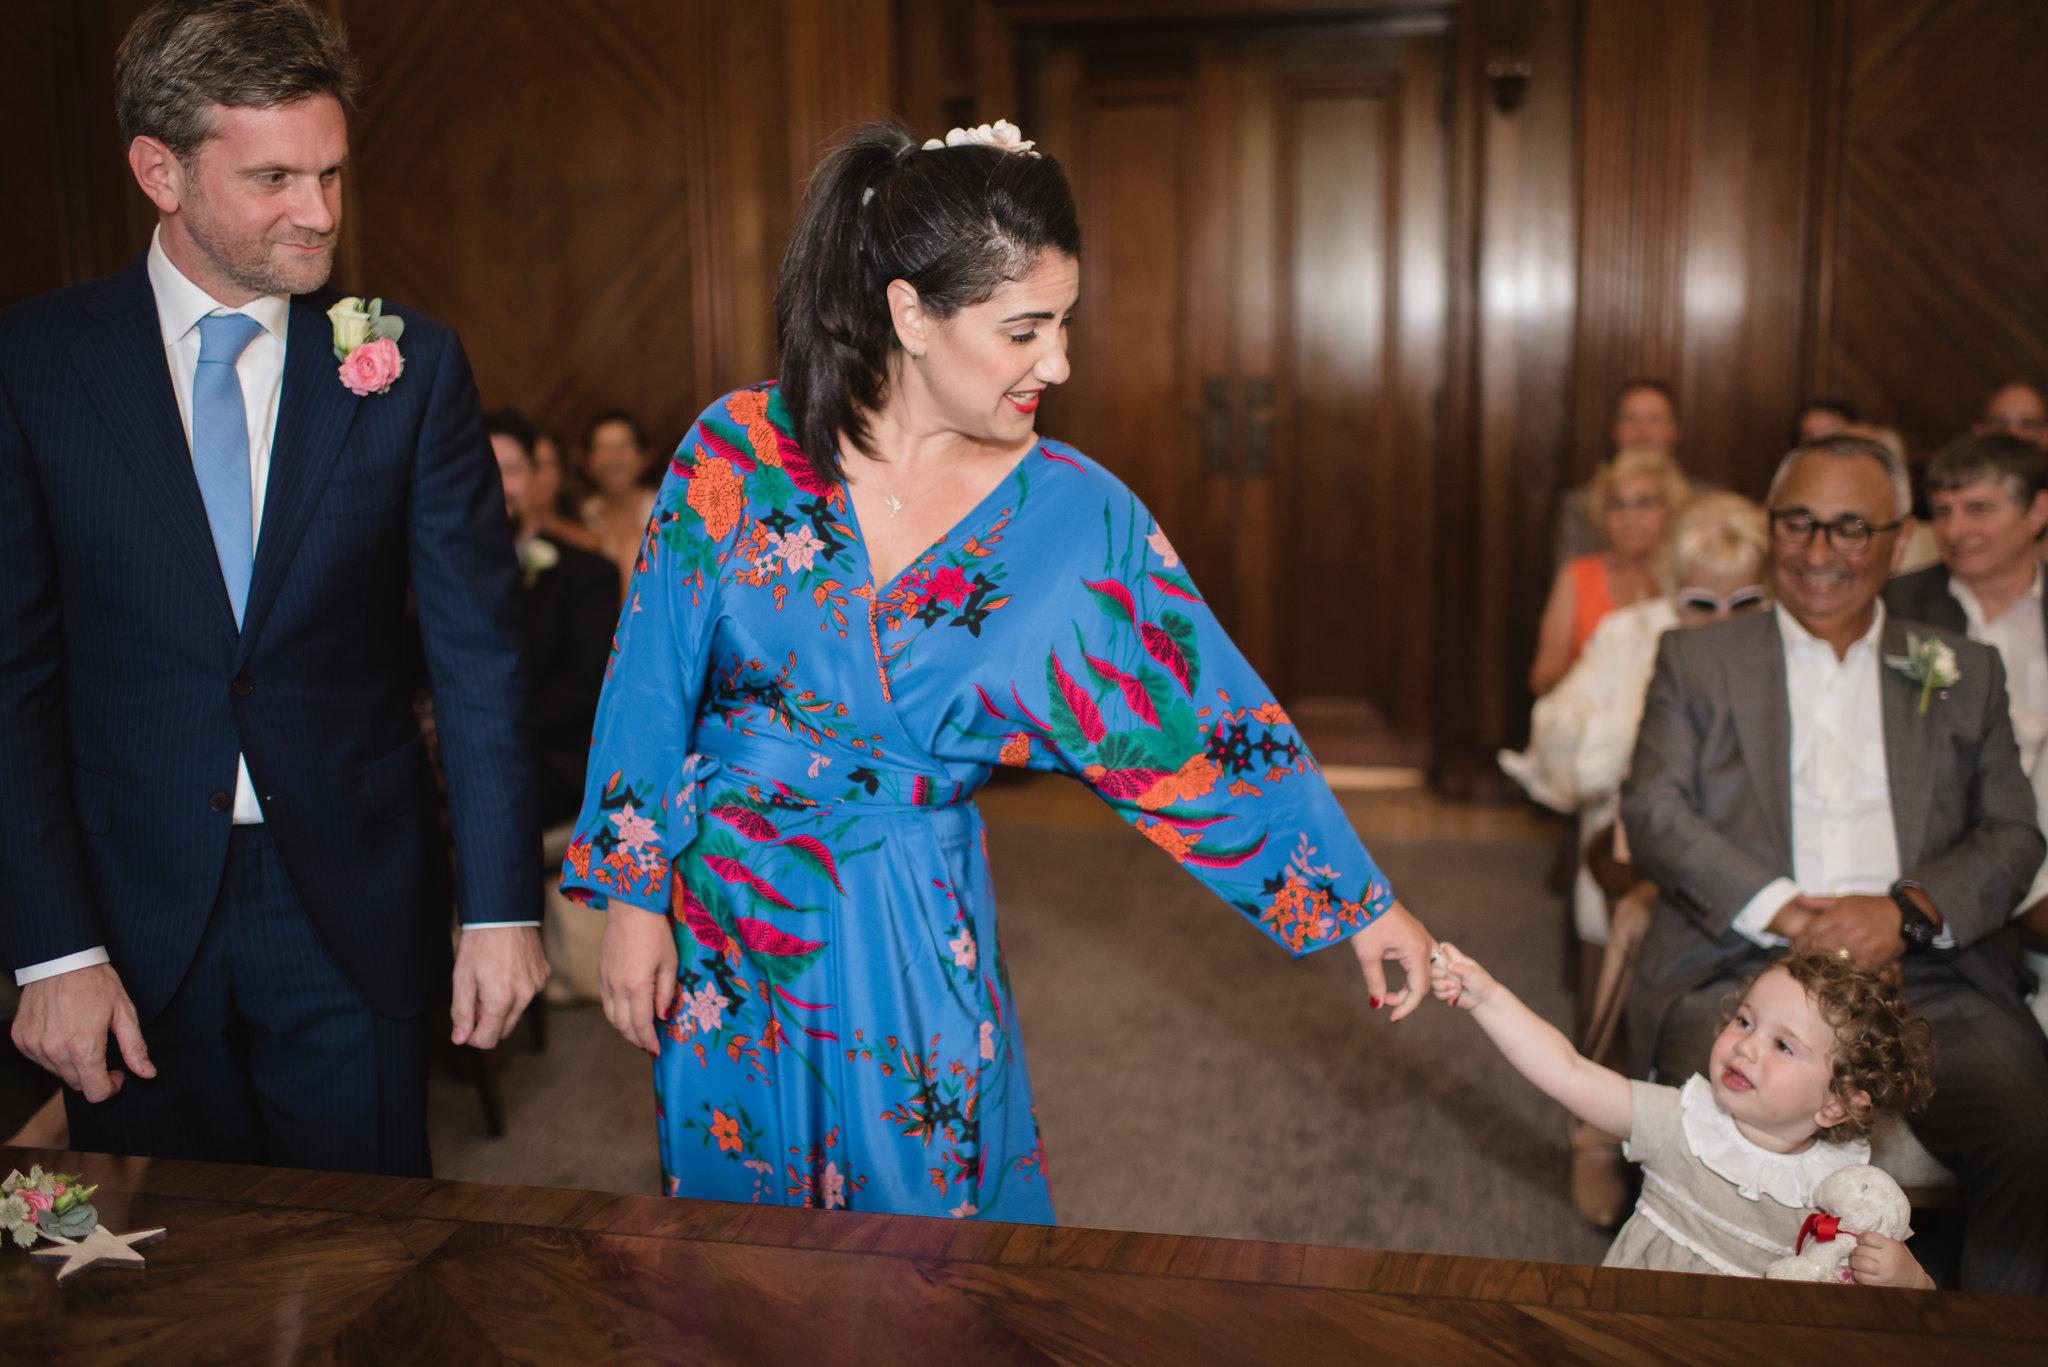 Old_Marylebone_Town_Hall_Groucho_Club_Wedding_46.jpg